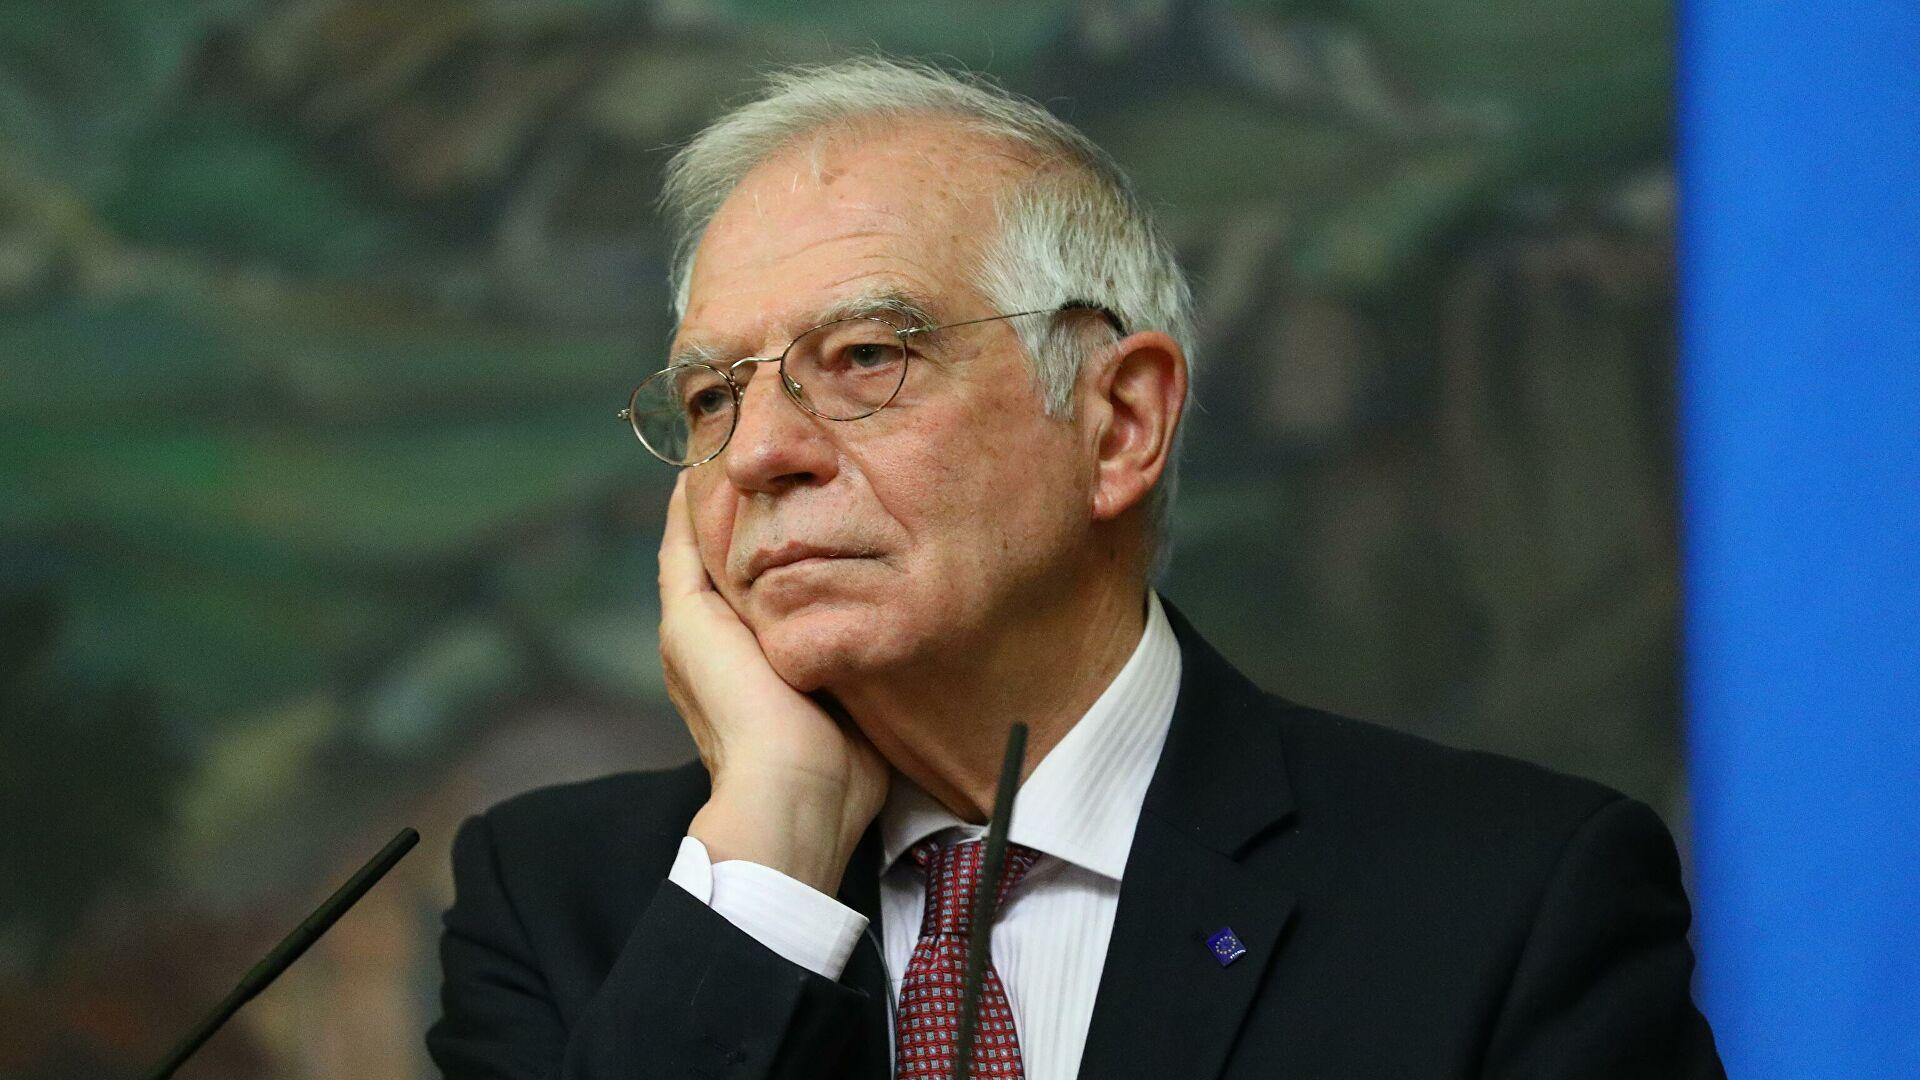 Борељ: Русија није раположена за дугорочно политичко решење ситуације око Украјине